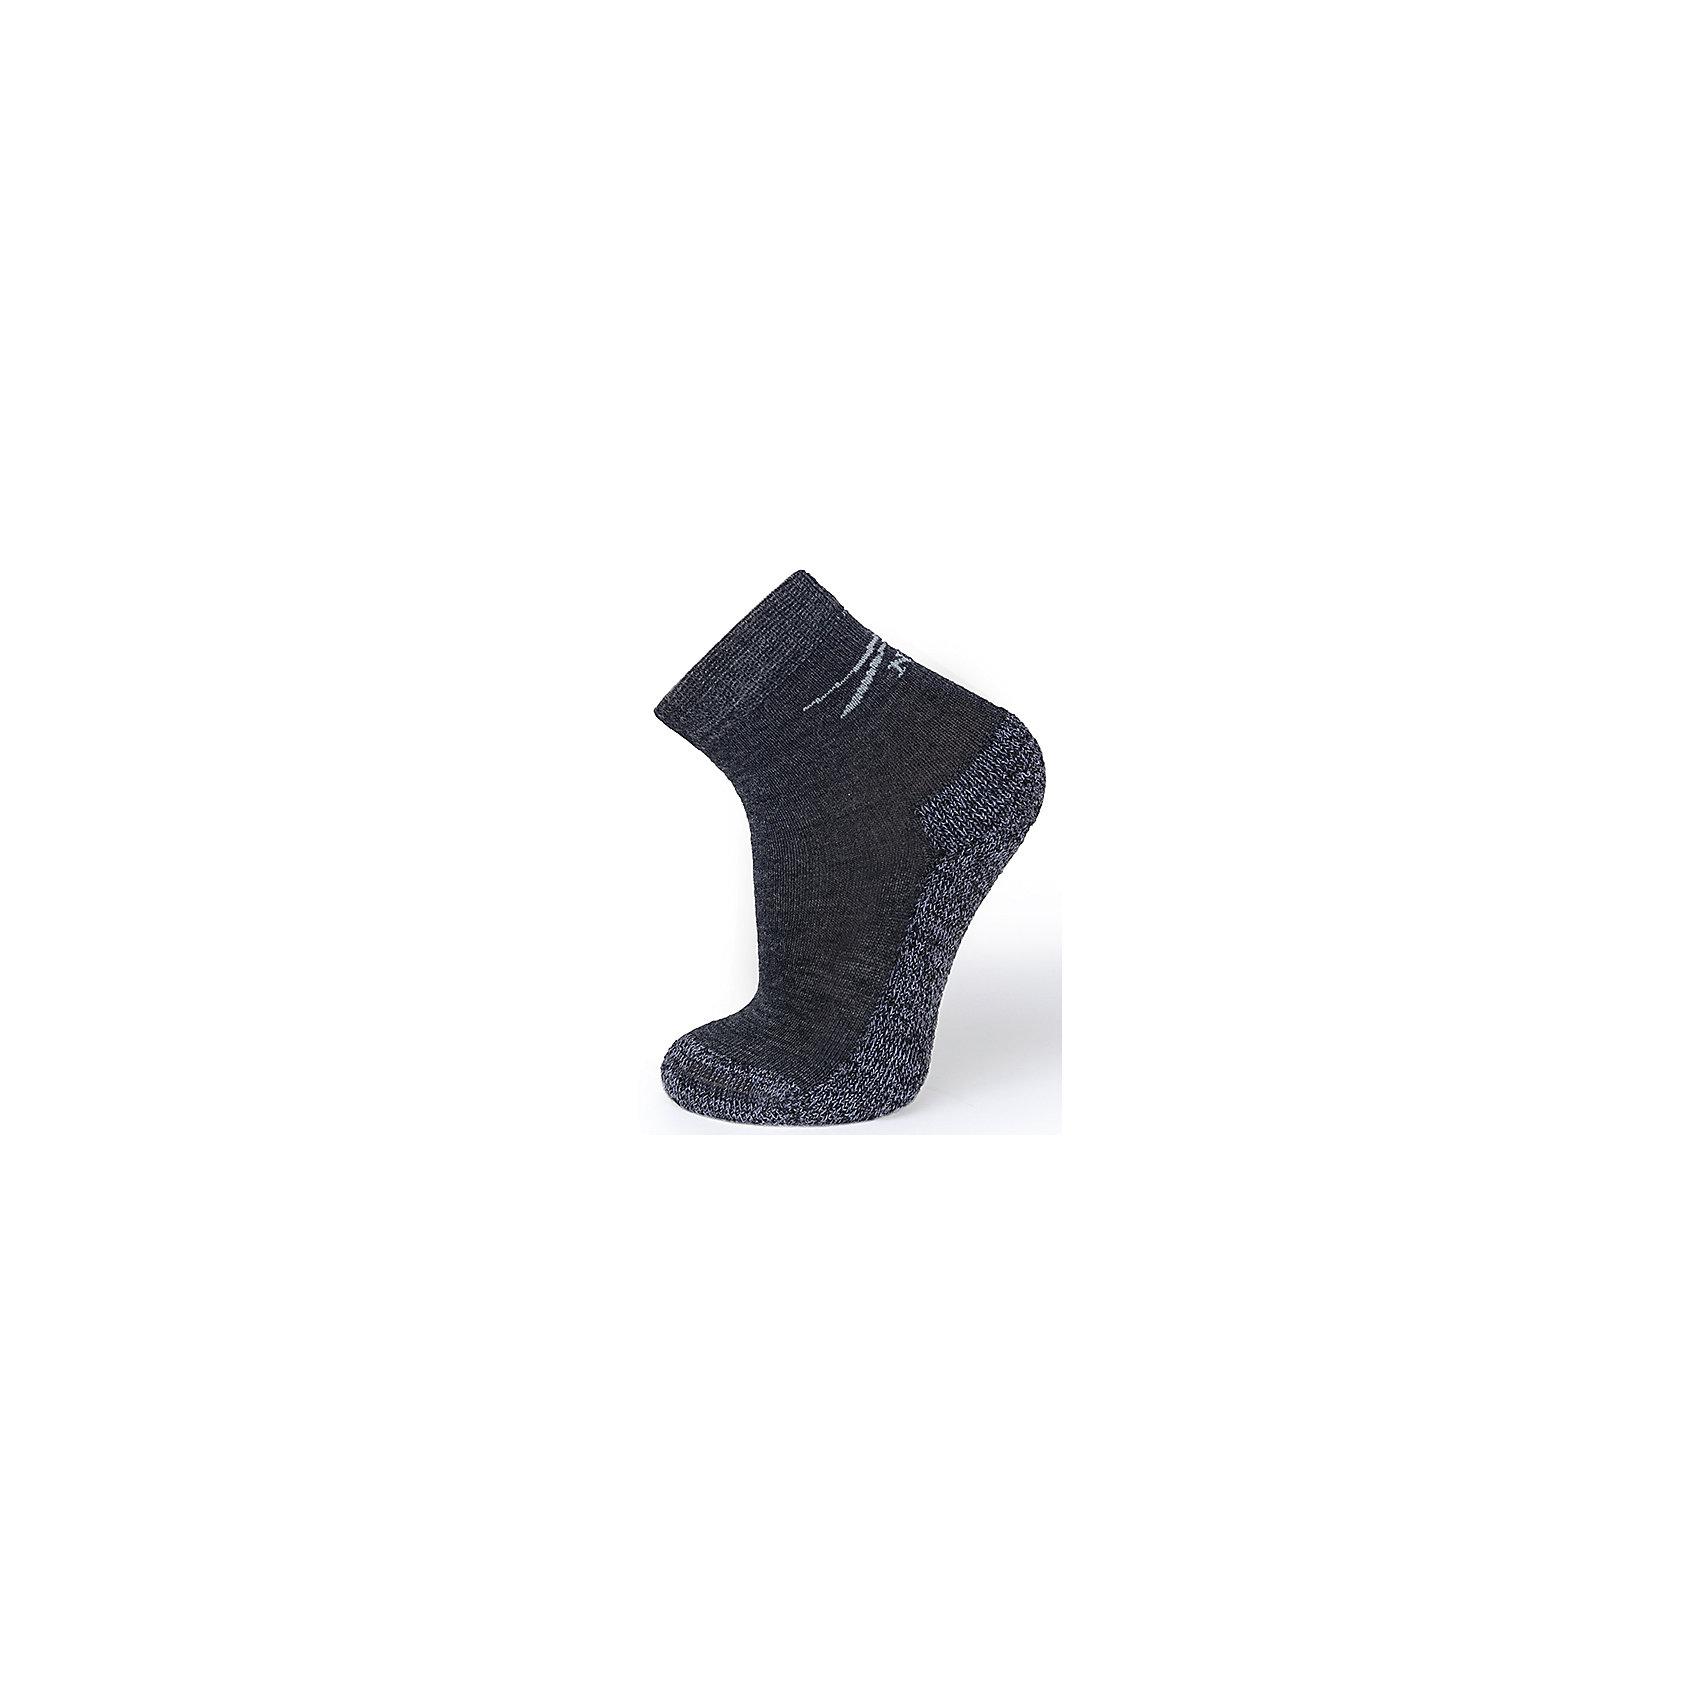 Термоноски NorvegТермноски от известного бренда Norveg<br><br>Термоноски Norveg Multifunctional от немецкой компании Norveg (Норвег) - это удобная и красивая одежда, которая обеспечит комфортную терморегуляцию тела и на улице, и в помещении. <br>Они сделаны из шерсти мериноса (австралийской тонкорунной овцы), которая обладает гипоаллергенными свойствами, поэтому не вызывает раздражения, даже если надета на голое тело. Добавление <br>волокна с антибактериальной обработкой Polycolon помогает выводить влагу от тела. Также поликолон мешает загрязнению и повышает износоустойчивость. <br><br>Отличительные особенности модели:<br><br>- цвет: серый;<br>- анатомические резинки;<br>- материал впитывает влагу и сразу выводит наружу;<br>- анатомический крой;<br>- подходит и мальчикам, и девочкам;<br>- дополнительная фиксация в районе свода стопы;<br>- анатомическая пятка;<br>- рельефный плюш: дополнительное утепление и амортизация;<br>- бесшовный мысок.<br><br>Дополнительная информация:<br><br>- Температурный режим: от - 20° С  до +10° С.<br><br>- Состав: 65% шерсть мериносов, 15% полиэстер, 5% эластан, 15% поликолон<br><br>Носки Norveg (Норвег) можно купить в нашем магазине.<br><br>Ширина мм: 87<br>Глубина мм: 10<br>Высота мм: 105<br>Вес г: 115<br>Цвет: серый<br>Возраст от месяцев: 6<br>Возраст до месяцев: 9<br>Пол: Унисекс<br>Возраст: Детский<br>Размер: 27-30,35-38,31-34,23-26,19-22<br>SKU: 3895181